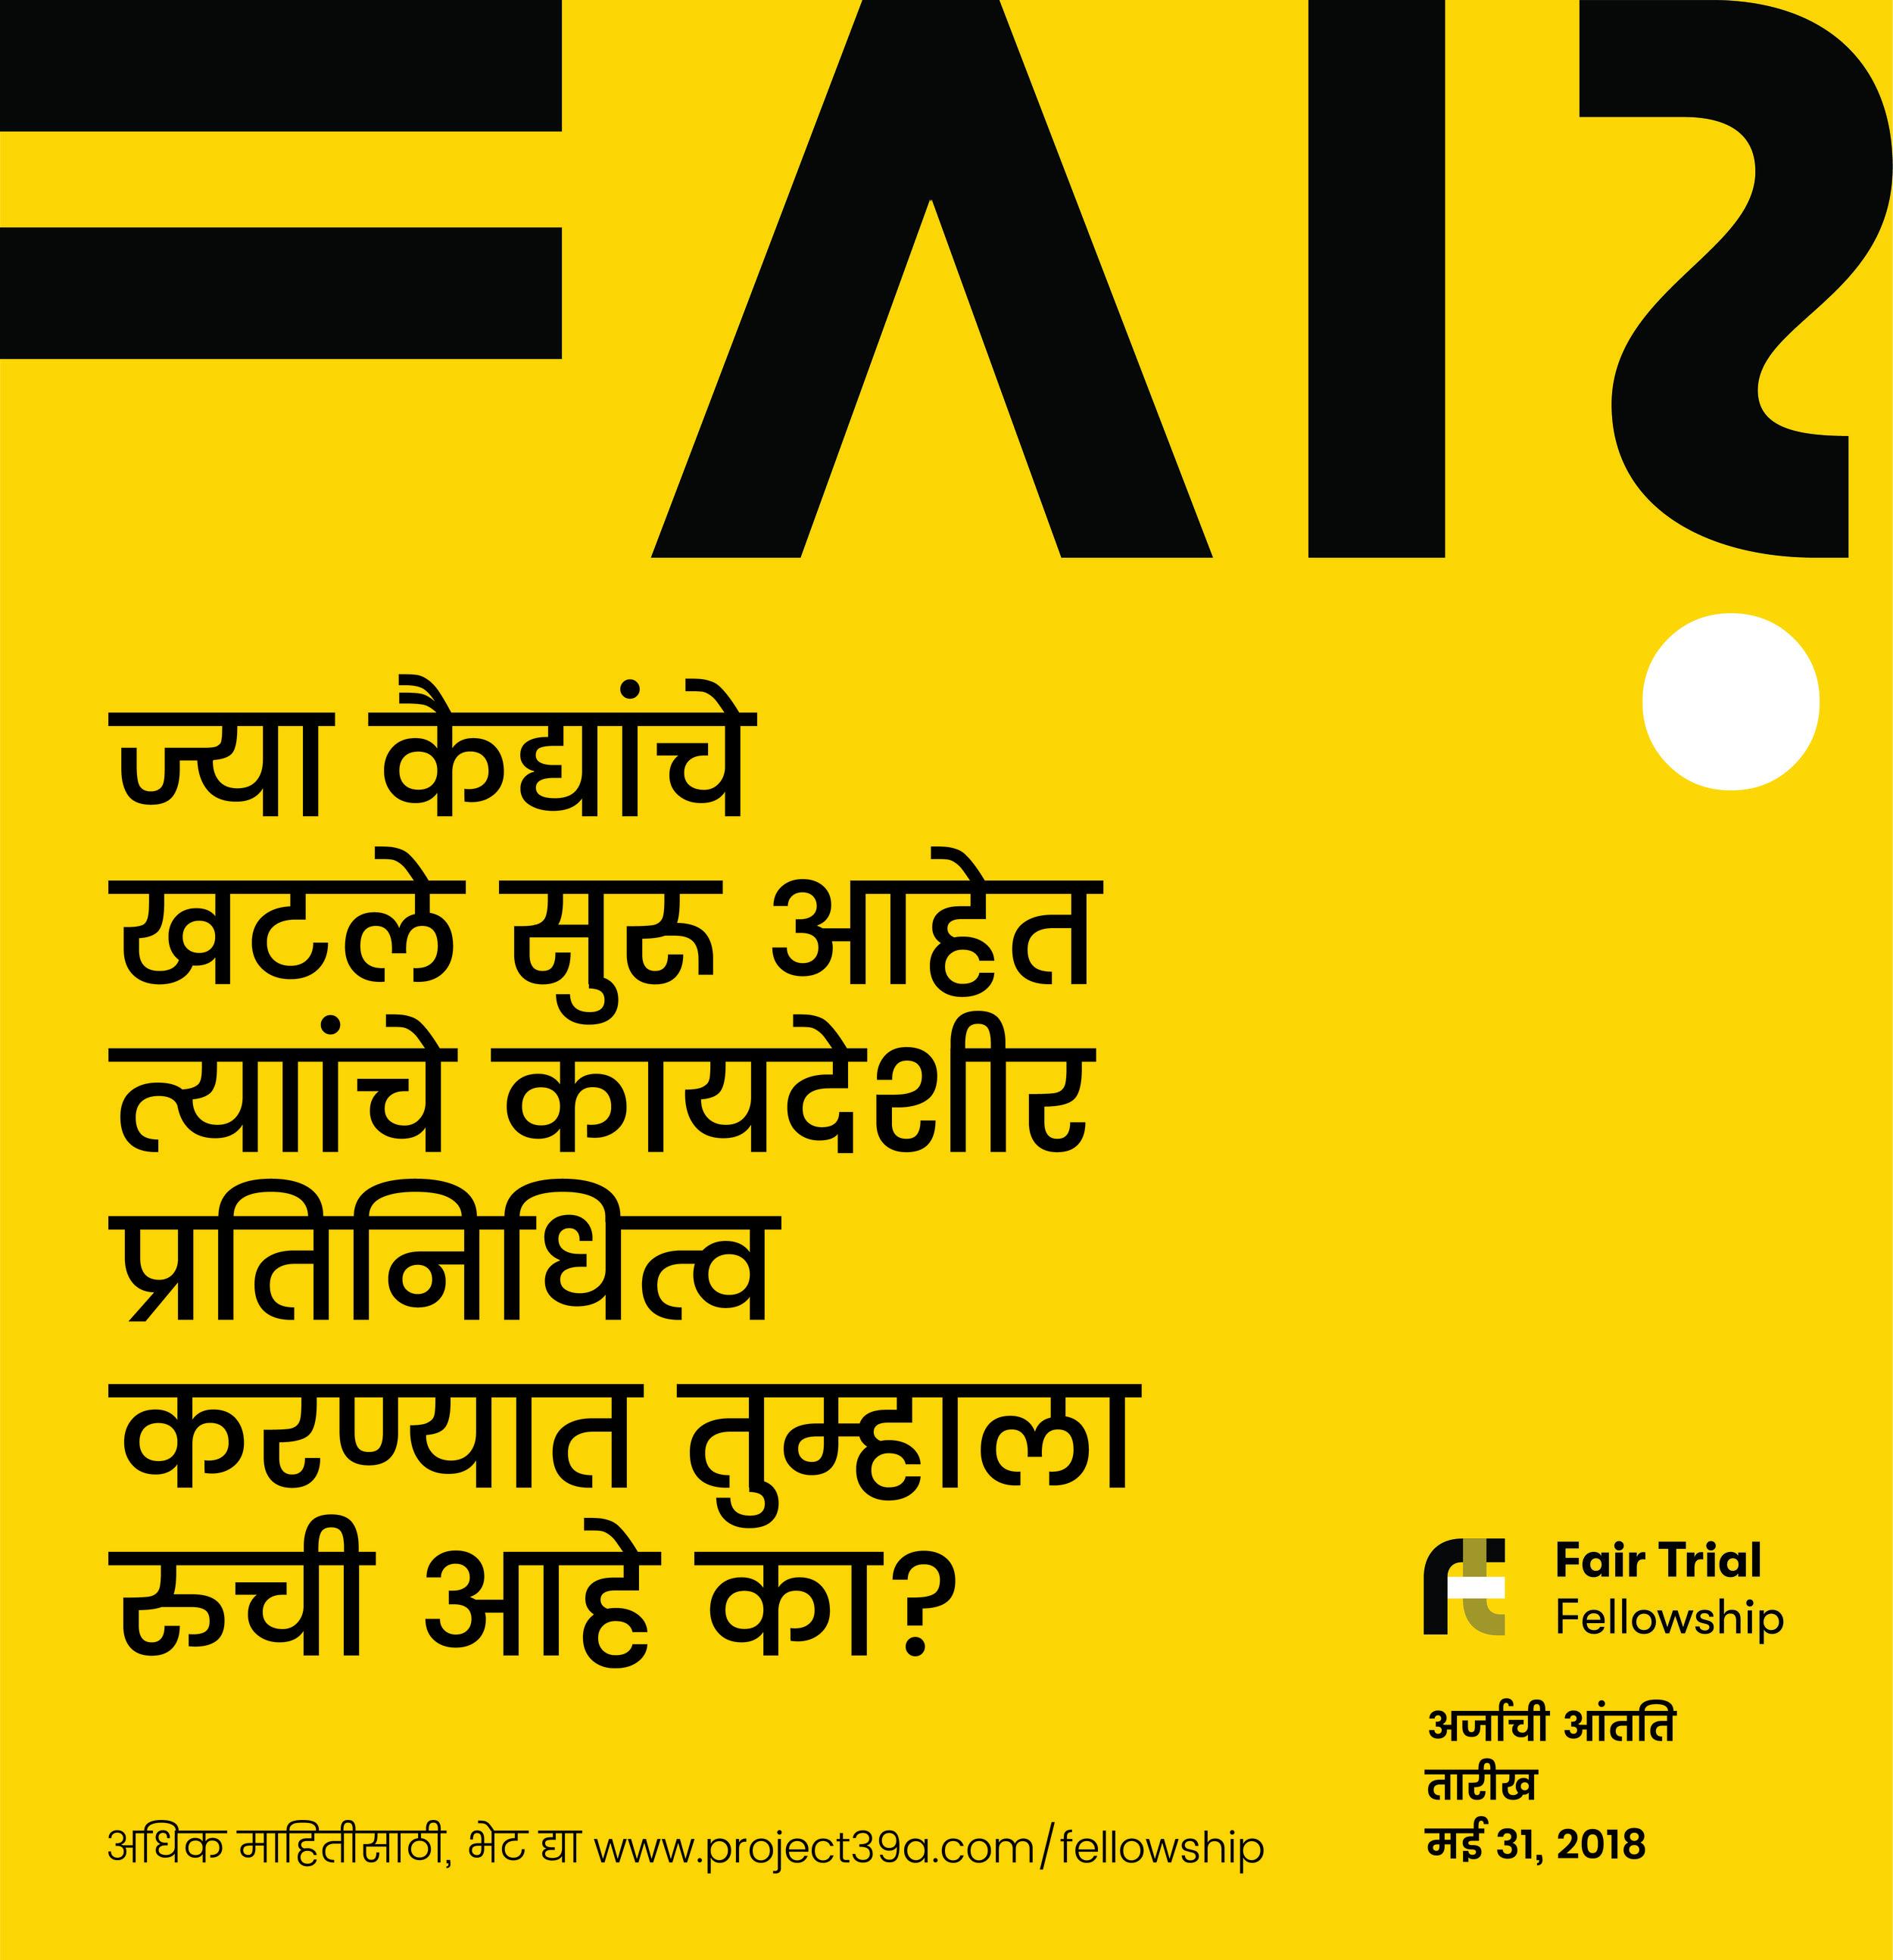 posters_ftf-17.jpg